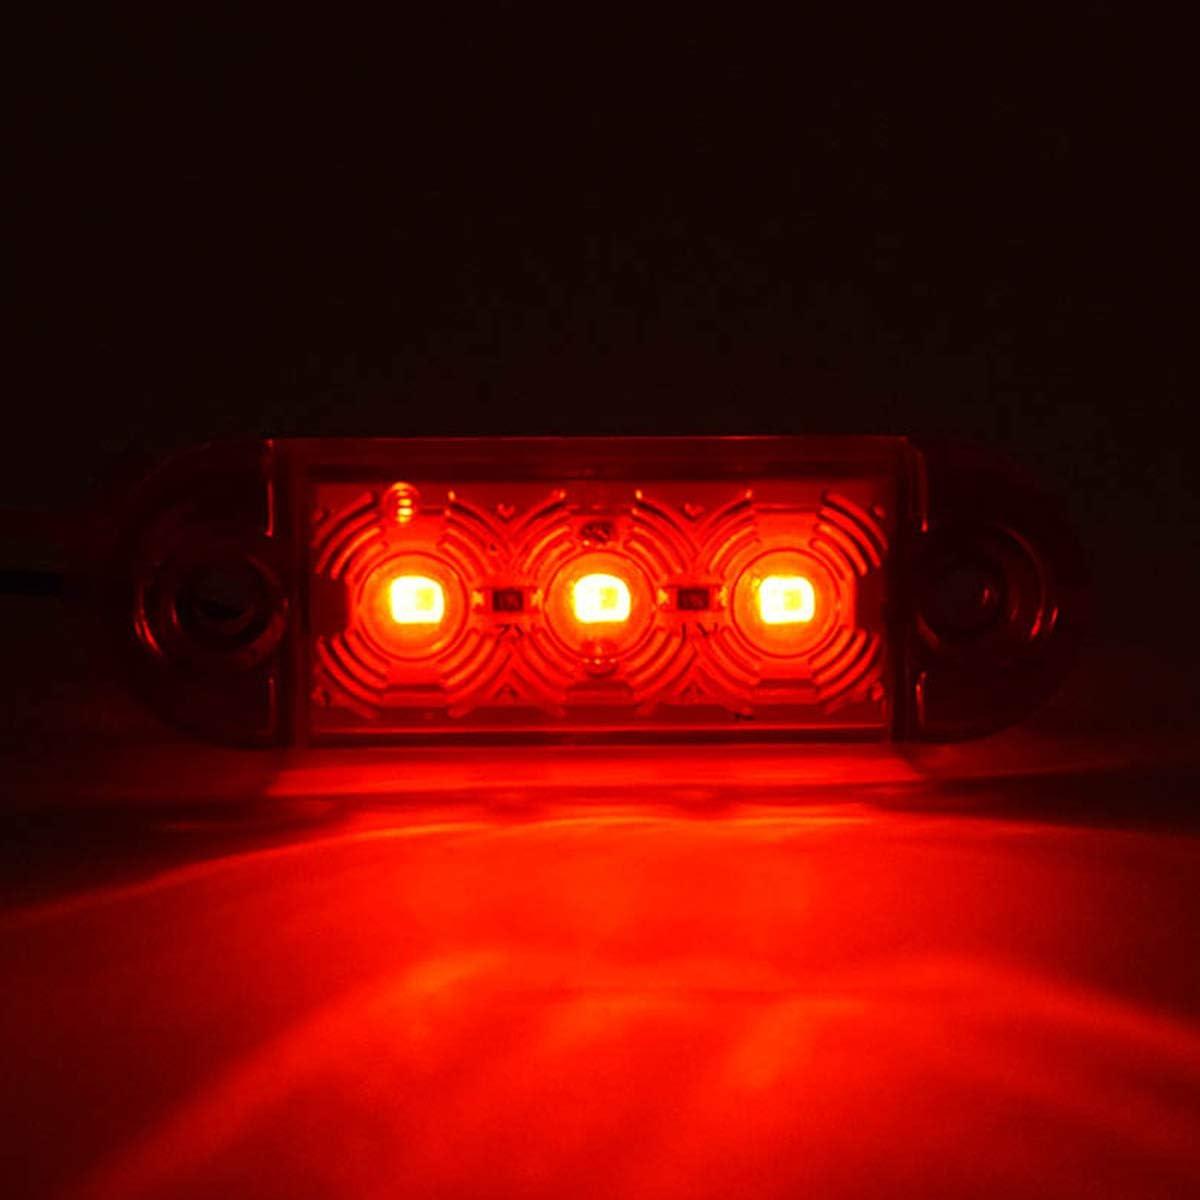 30x Feux de position lat/éraux LED avant arri/ère Feux Indicateur universel 12//24 V avec ampoules blanc//orange//rouge pour camion remorque van caravane camion voiture bus